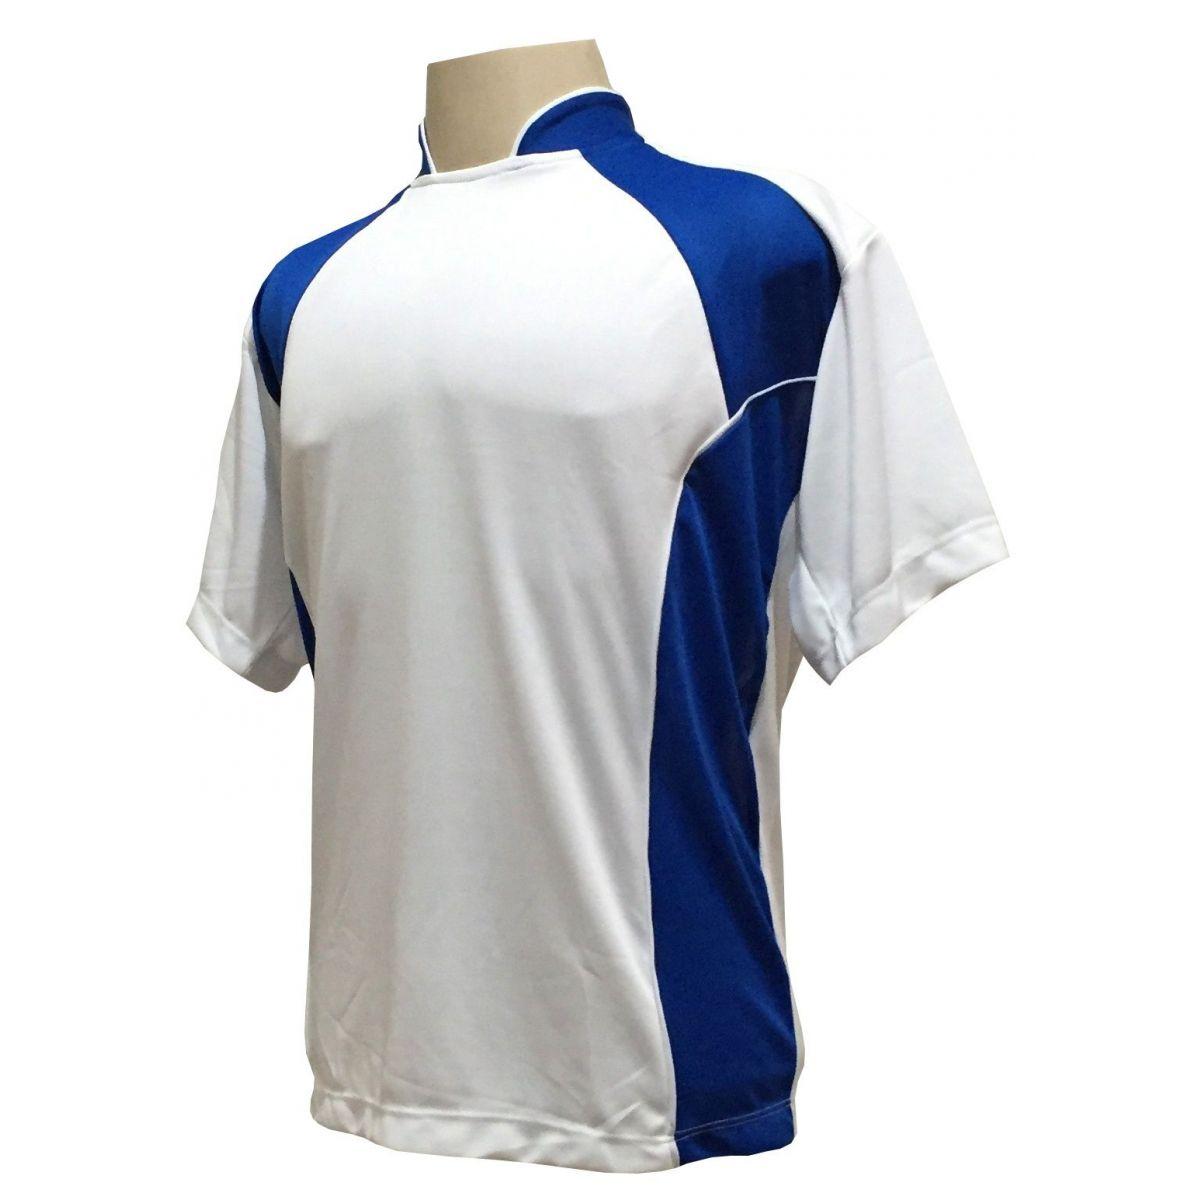 Jogo de Camisa com 14 unidades modelo Suécia Branco/Royal + 1 Goleiro + Brindes